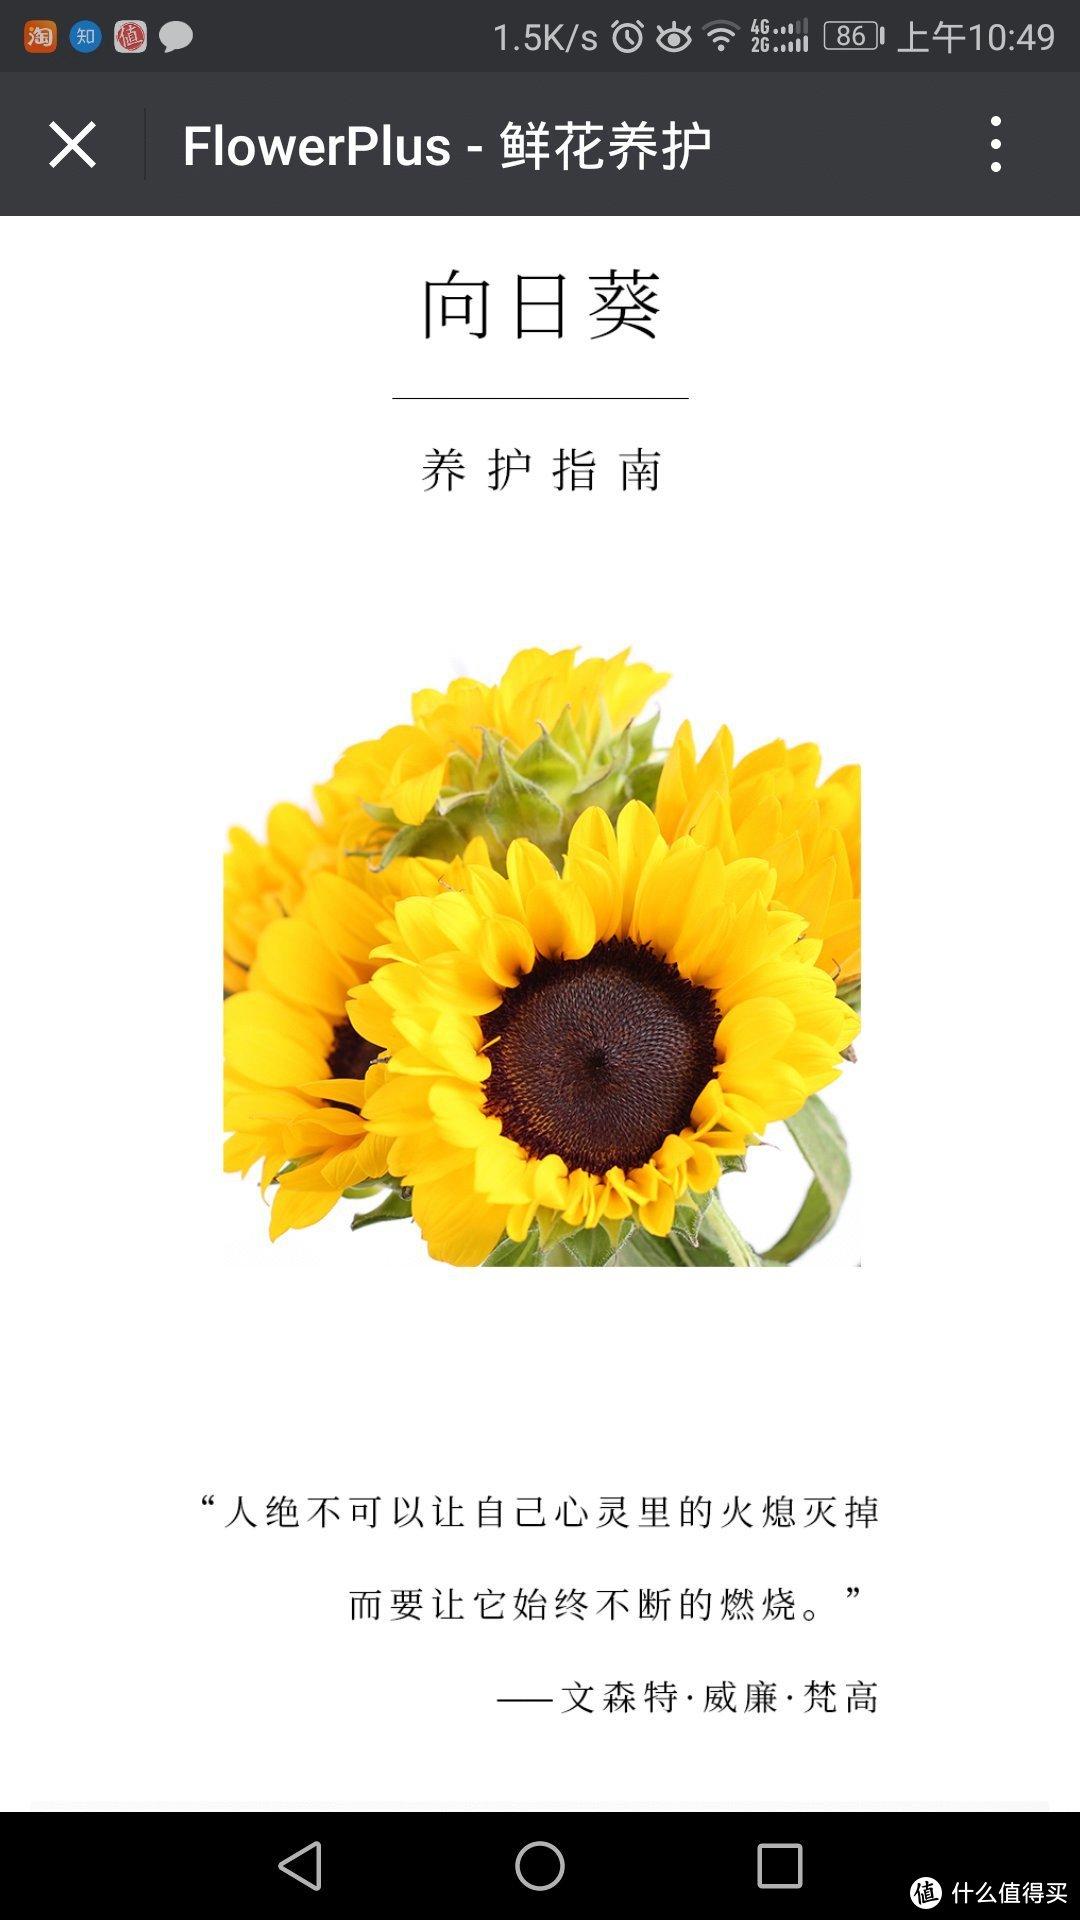 #原创新人#Flowerplus 花加 单品鲜花 开箱简评